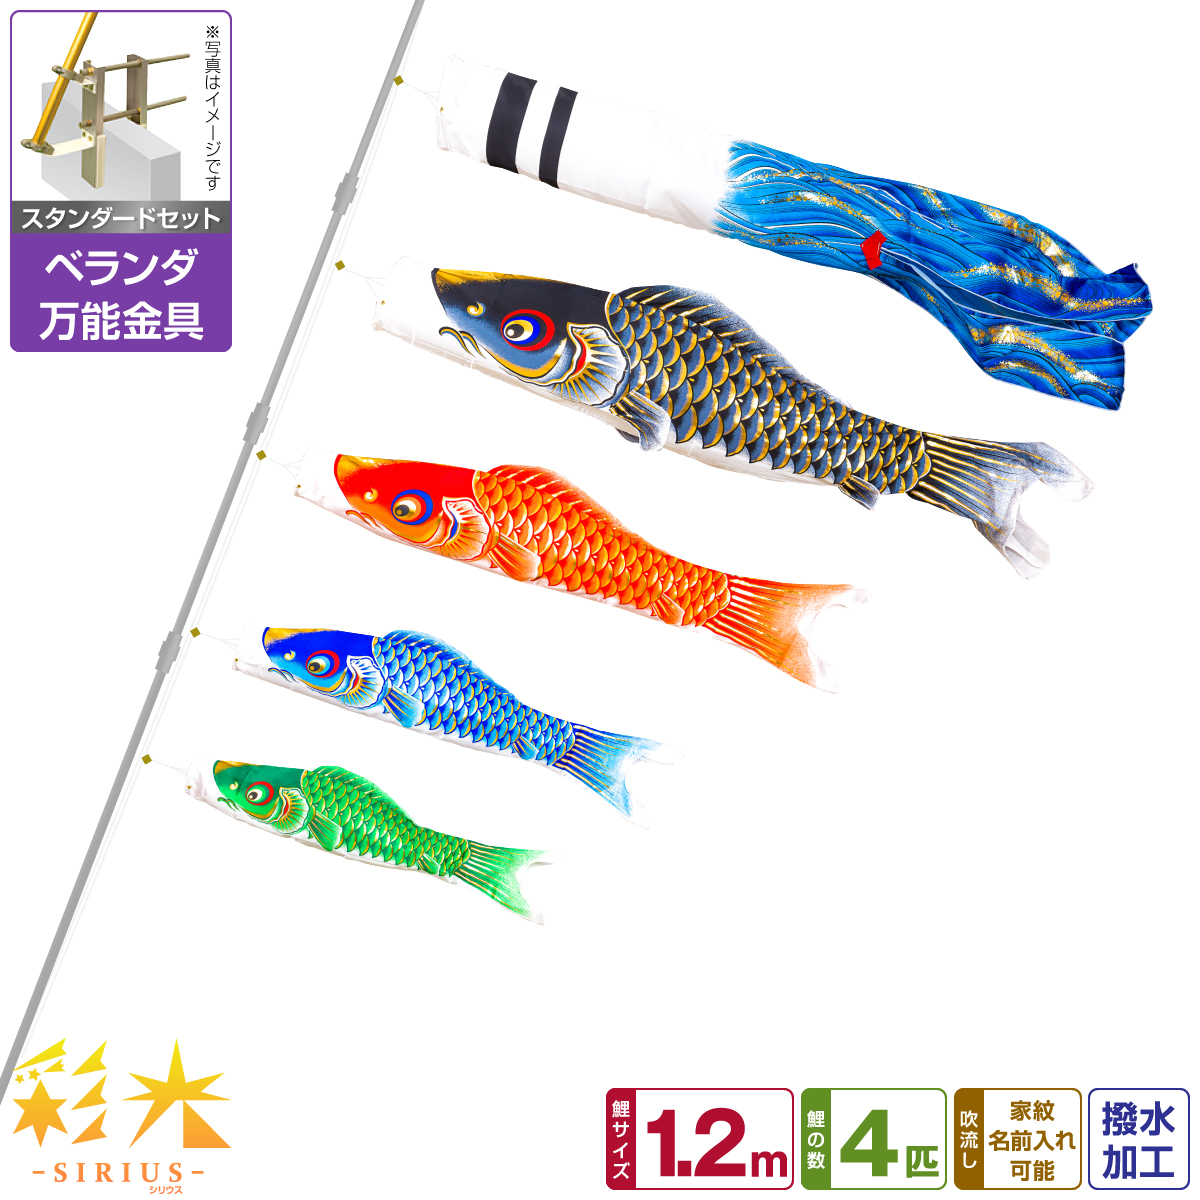 ベランダ用 こいのぼり 鯉のぼり SIRIUS/彩光鯉 1.2m 7点(吹流し+鯉4匹+矢車+ロープ)/スタンダードセット(万能取付金具)